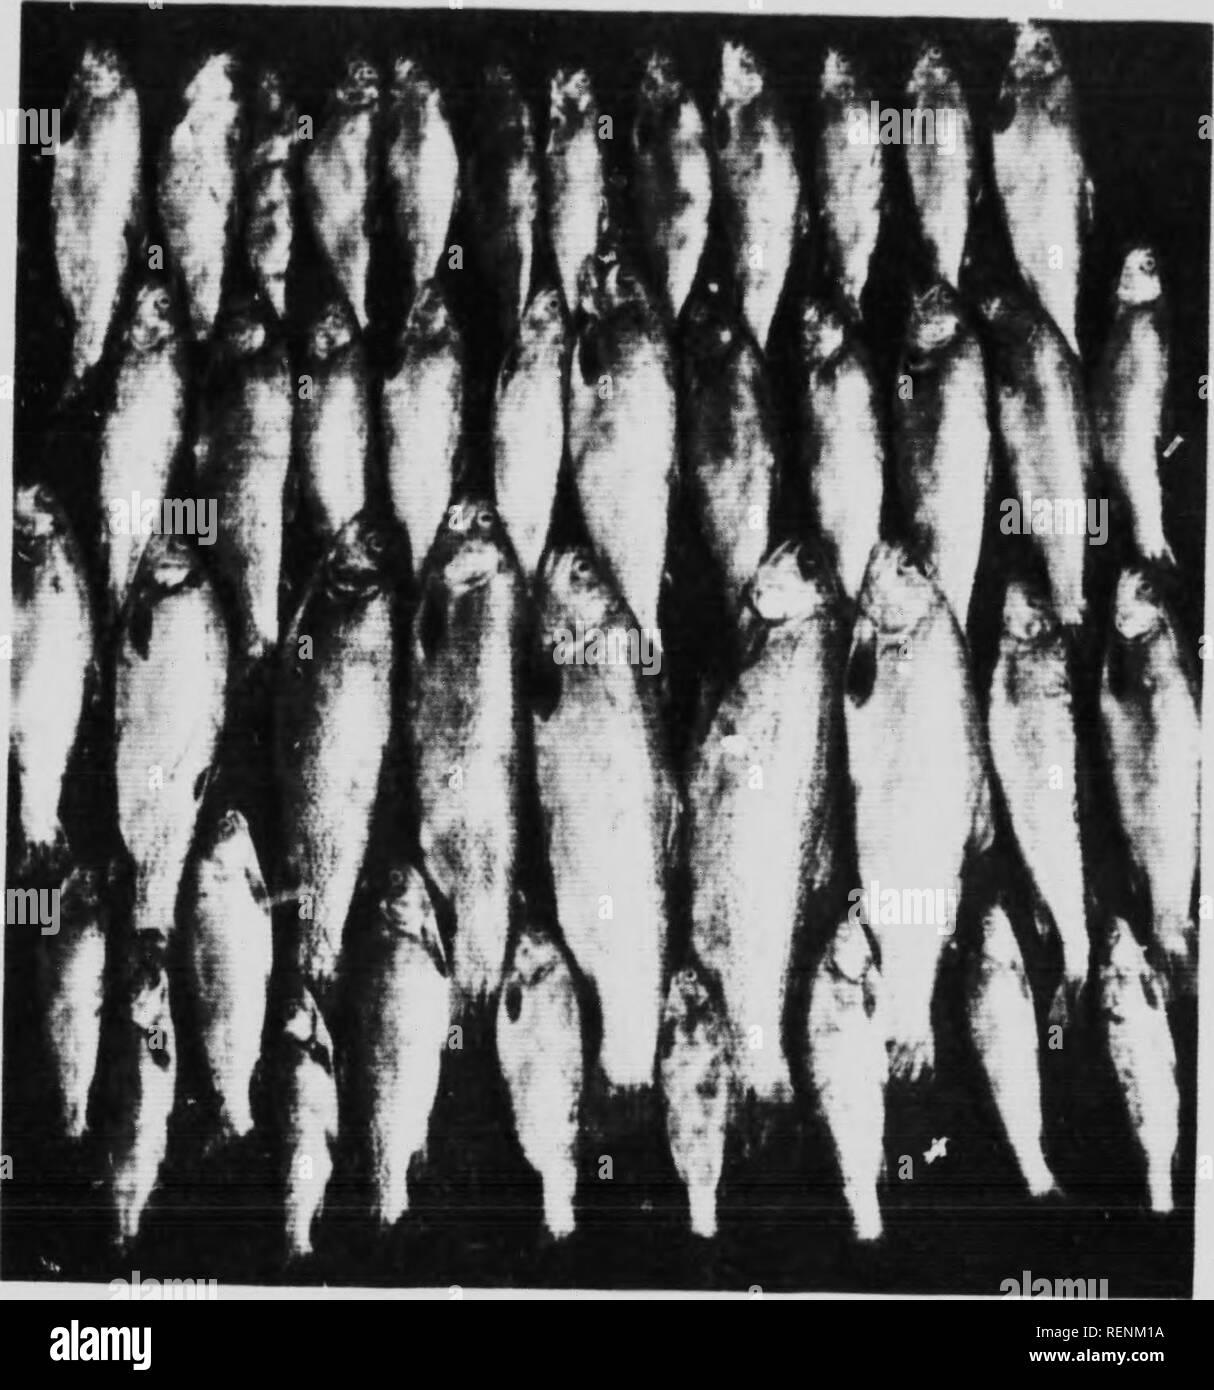 . Les poissons jeu de la Colombie-Britannique [microform]. Poissons; poissons; pêche sportive; la pêche. Le gouvernement provincial exige que les organismes rcsi.lenis de prendre un permis provincial pour anKJinn. ainsi qu'une licence pour tuer le gros gibier. Une licence portera sur l'ensemble de la province. Applicitionn pour la pêche et le tir de licences, il m.i.le Xo le Provincial Game Warden, Vancouver. British Columbi.i. Le Canada. L'écrivain est en.iebttd à Fleming, Bros, Victoria: Leckie- Ewing, d OUanagan.Lin ling: A. L. Coombs, San F-rancisco- et le Dr Bernard Scrihner. K, N., et autres, pour certains de la photographie Photo Stock